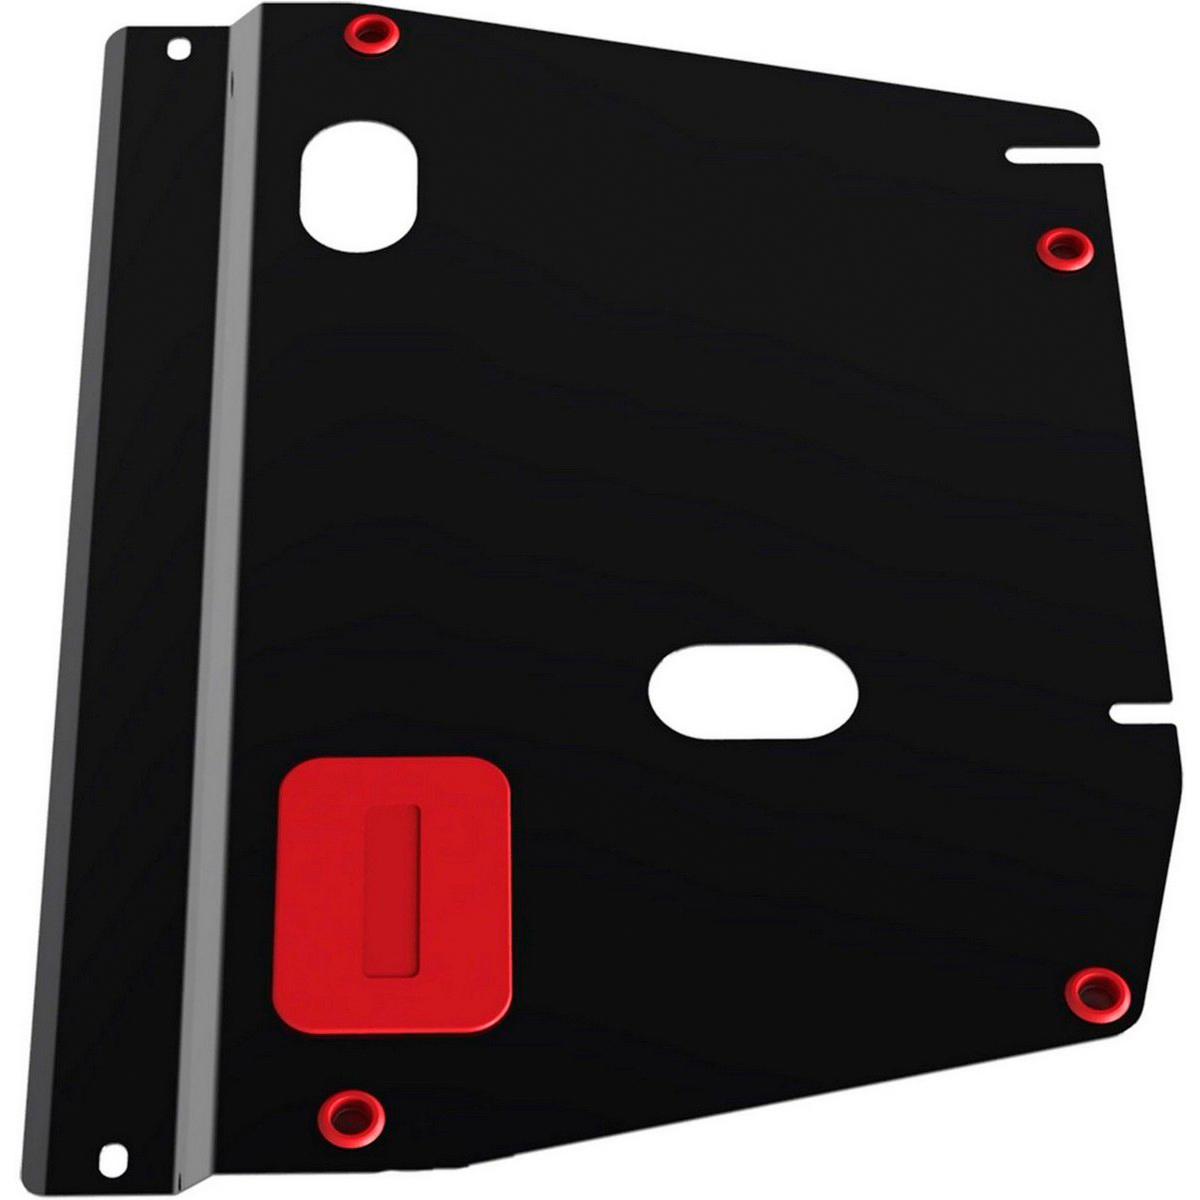 Купить Защита АвтоБРОНЯ для картера и КПП Honda Civic седан 2006-2012, сталь 2 мм, крепеж в комплекте. 111.02108.1, Автоброня